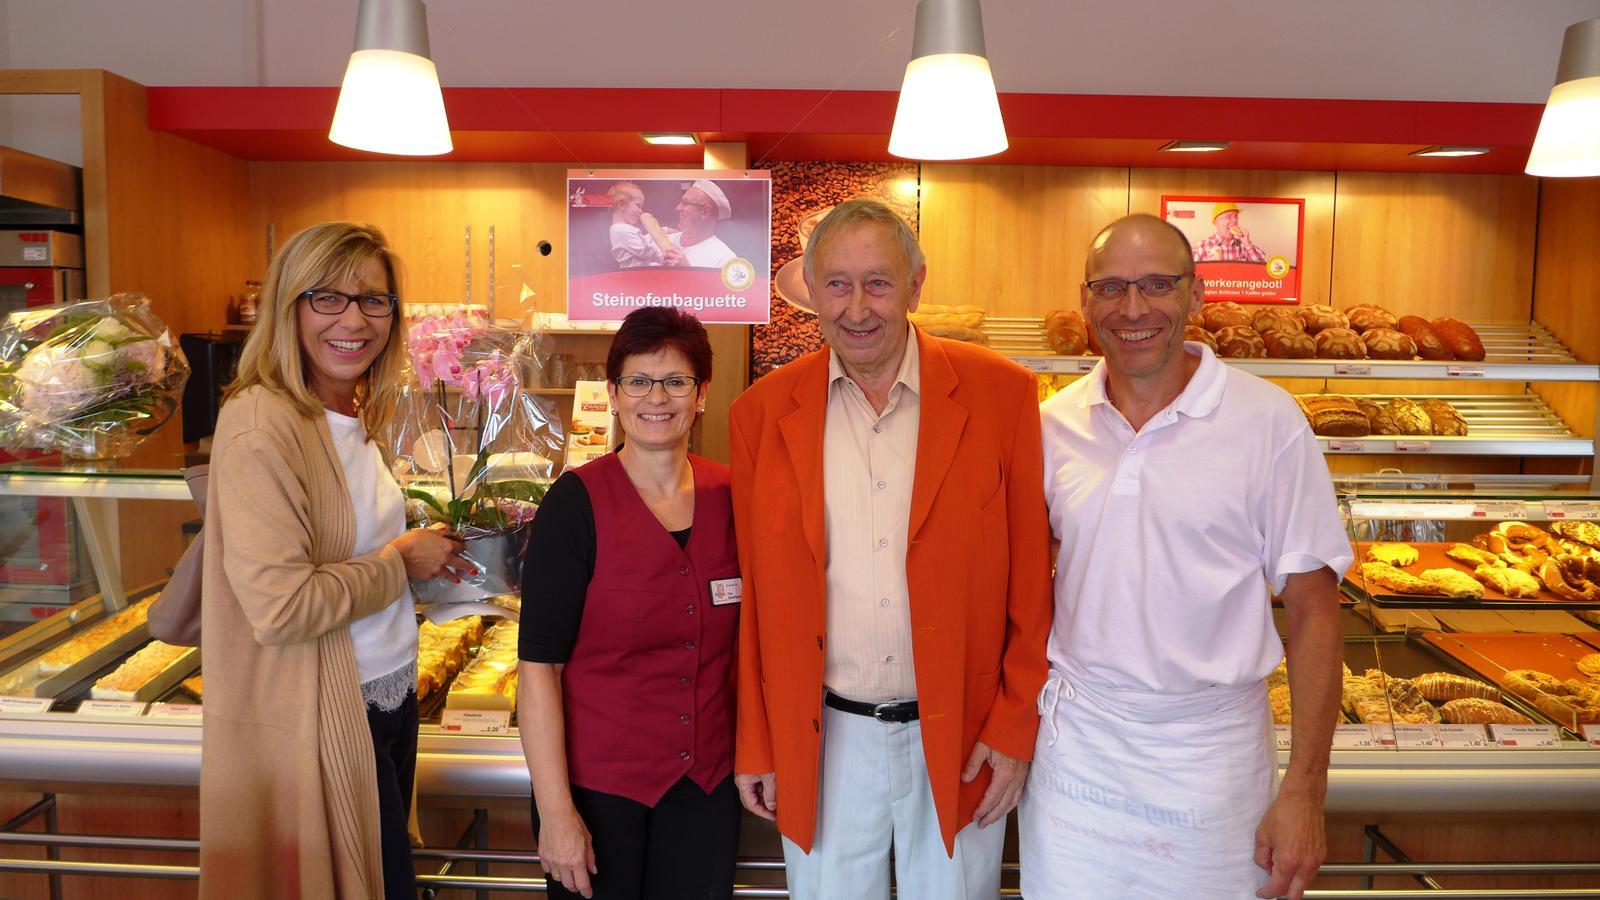 Das Bild zeigt den 1. Beigeordneten Georg Schuchmann und die Bauamtsleiterin Birgit Röder in der Filiale der Bäckerei Schellhaas.